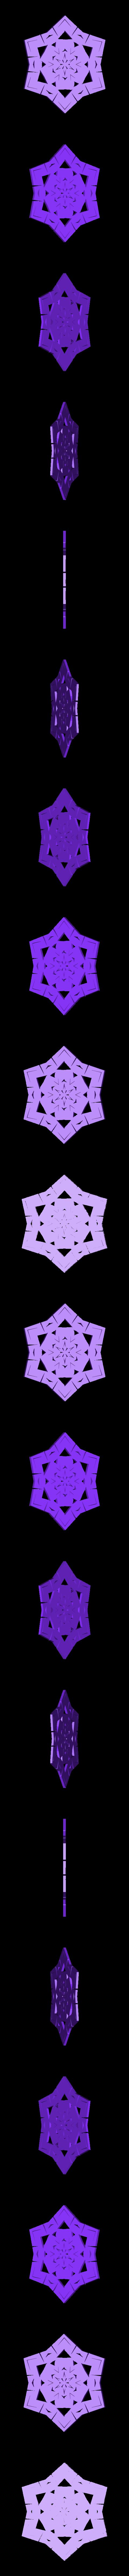 kiri8.stl Télécharger fichier STL gratuit Flocon de neige kirigami aléatoire dans BlocksCAD • Plan pour impression 3D, arpruss